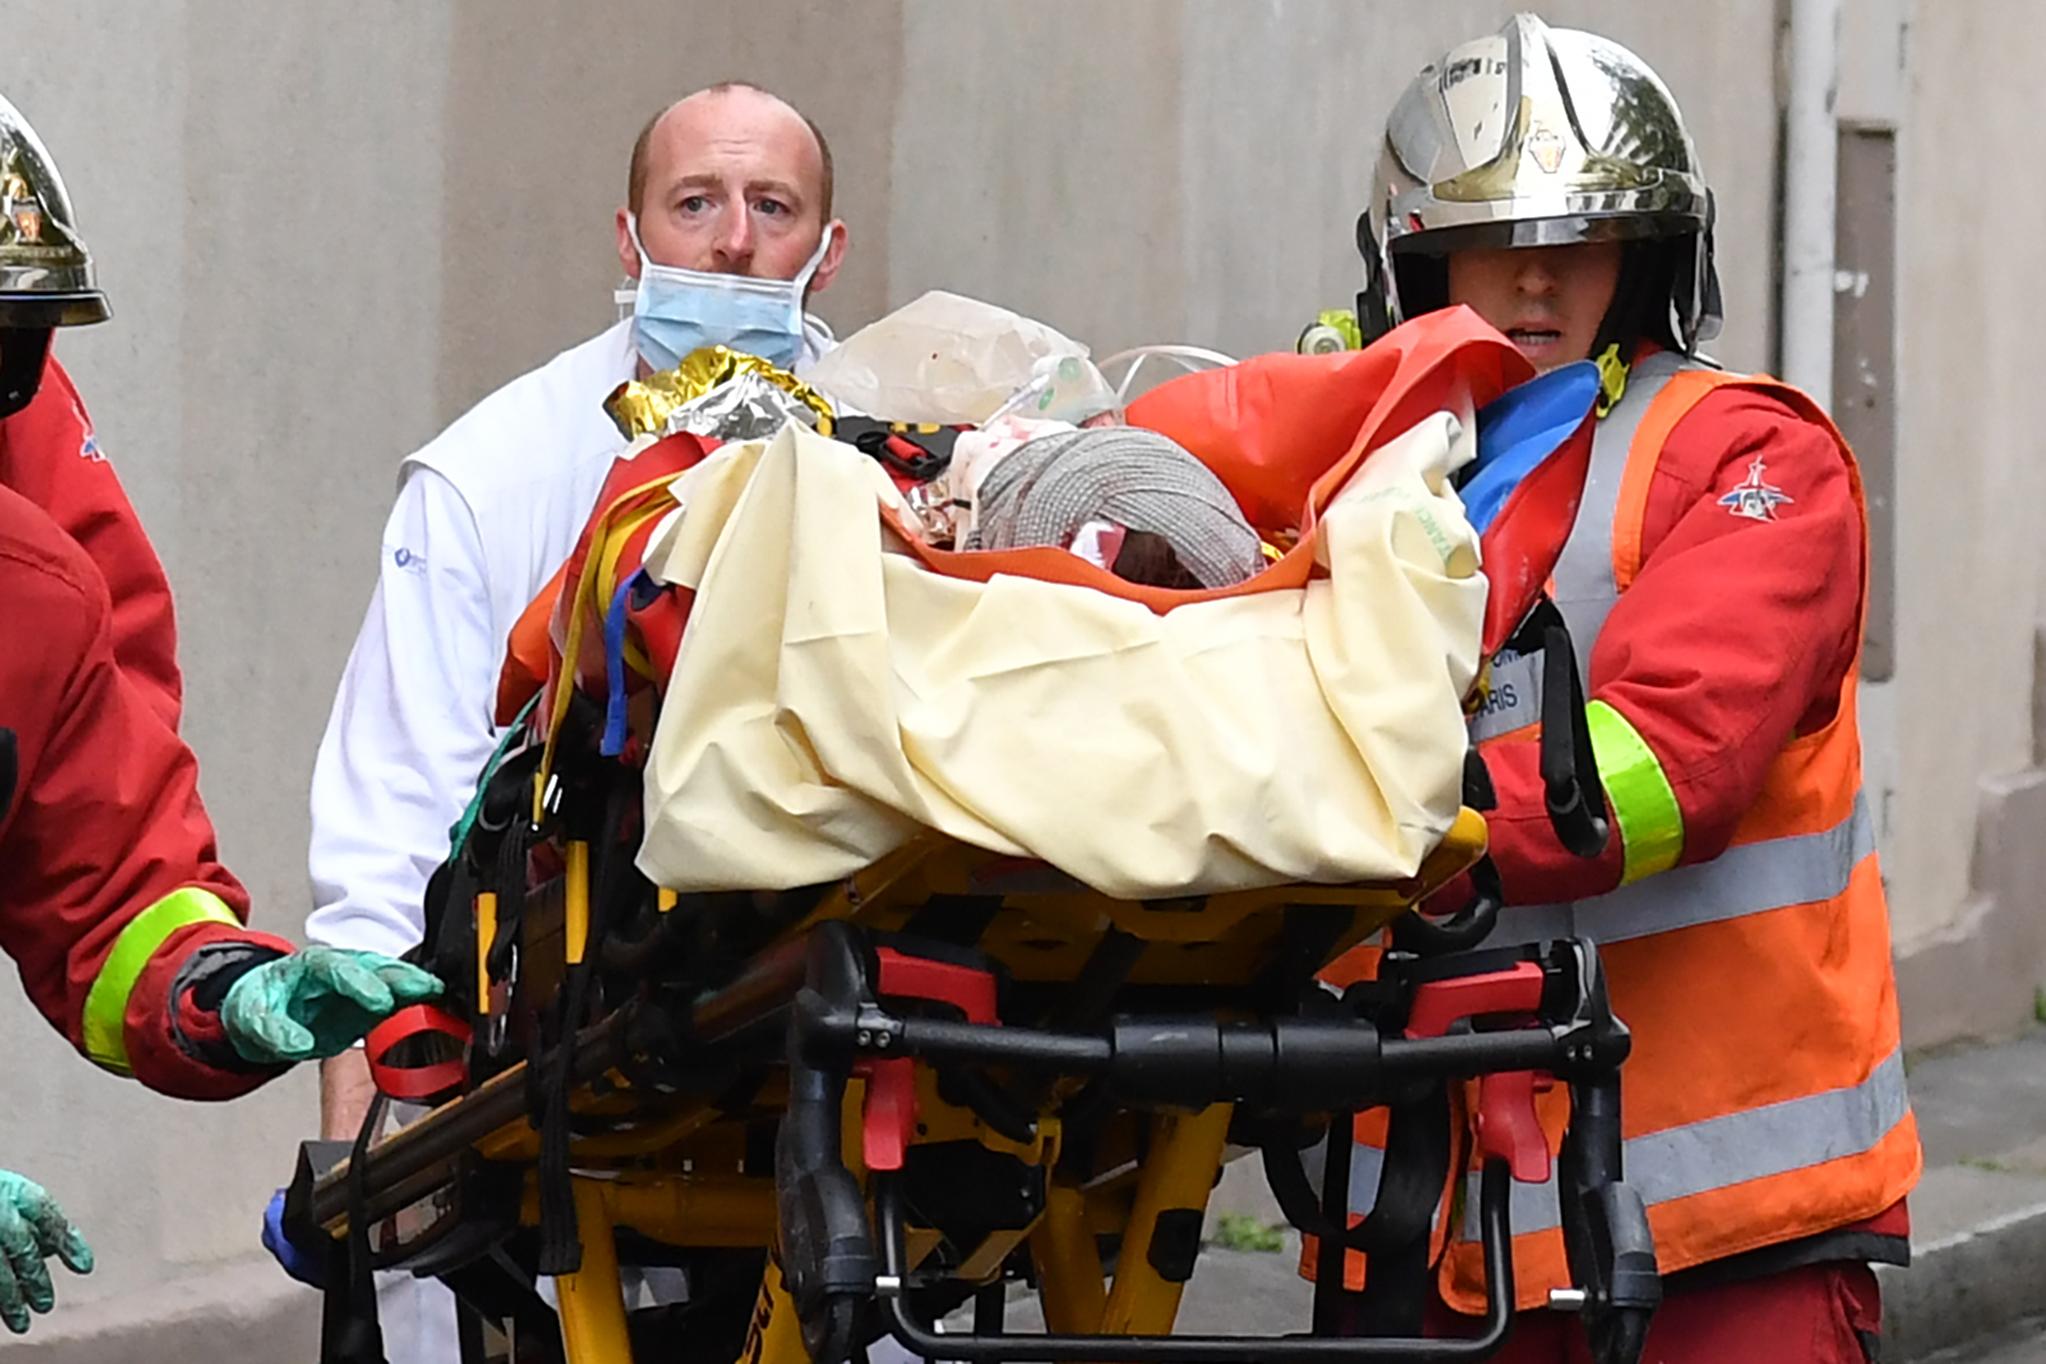 Késes támadás történt Párizsban, egy gyanúsítottat elfogtak